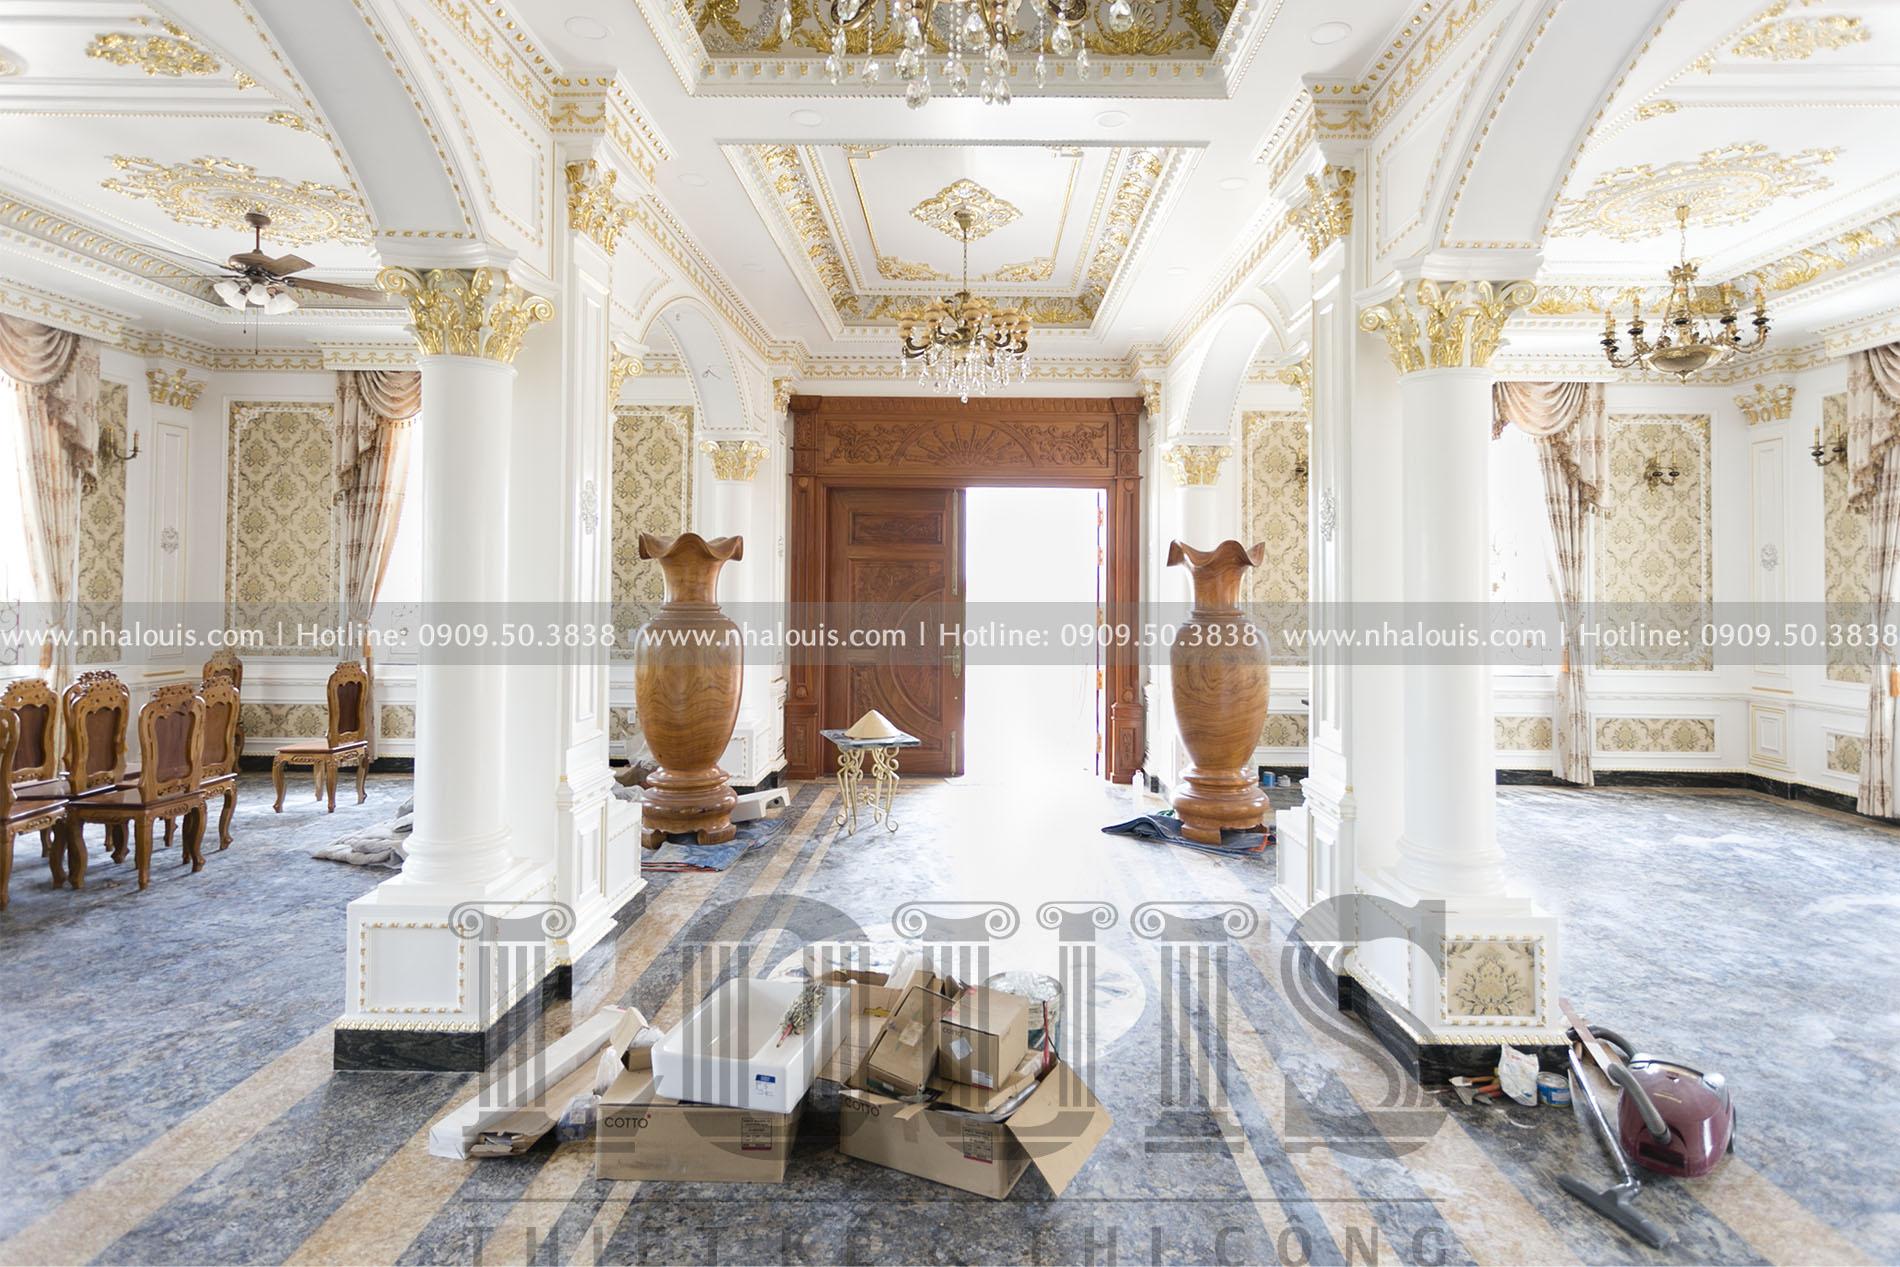 Lắp đặt hoàn thiện nội thất biệt thự cổ điển 2 tầng đẳng cấp ở Tây Ninh